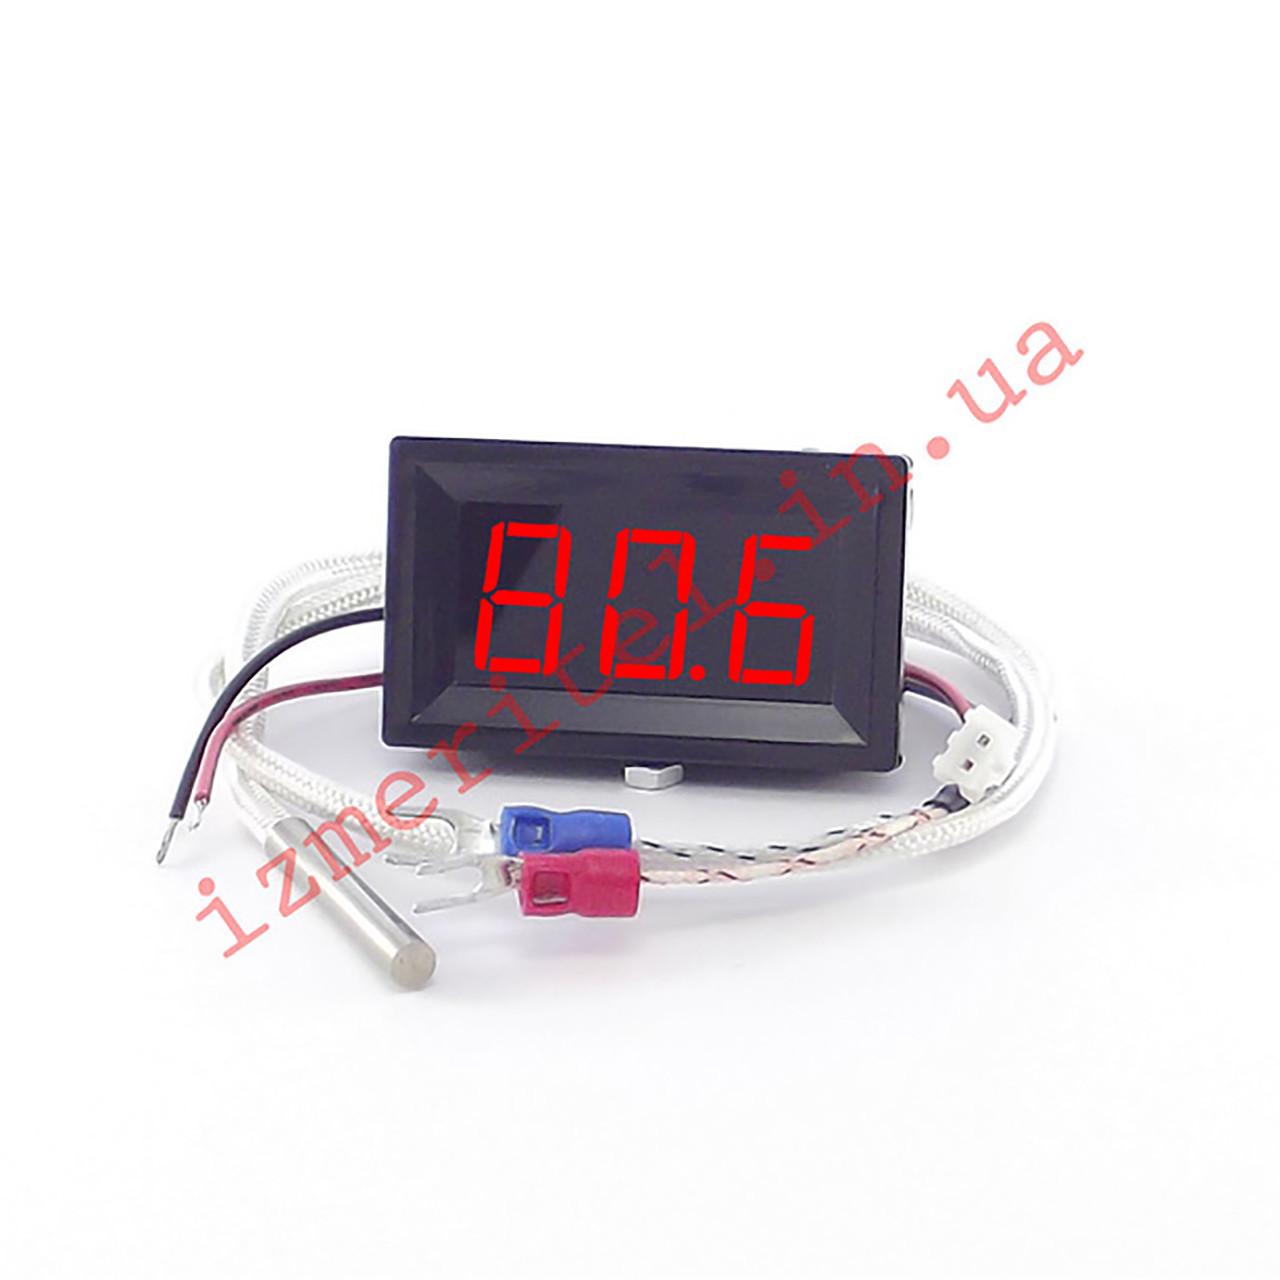 Высокотемпературный цифровой термометр XH-B310